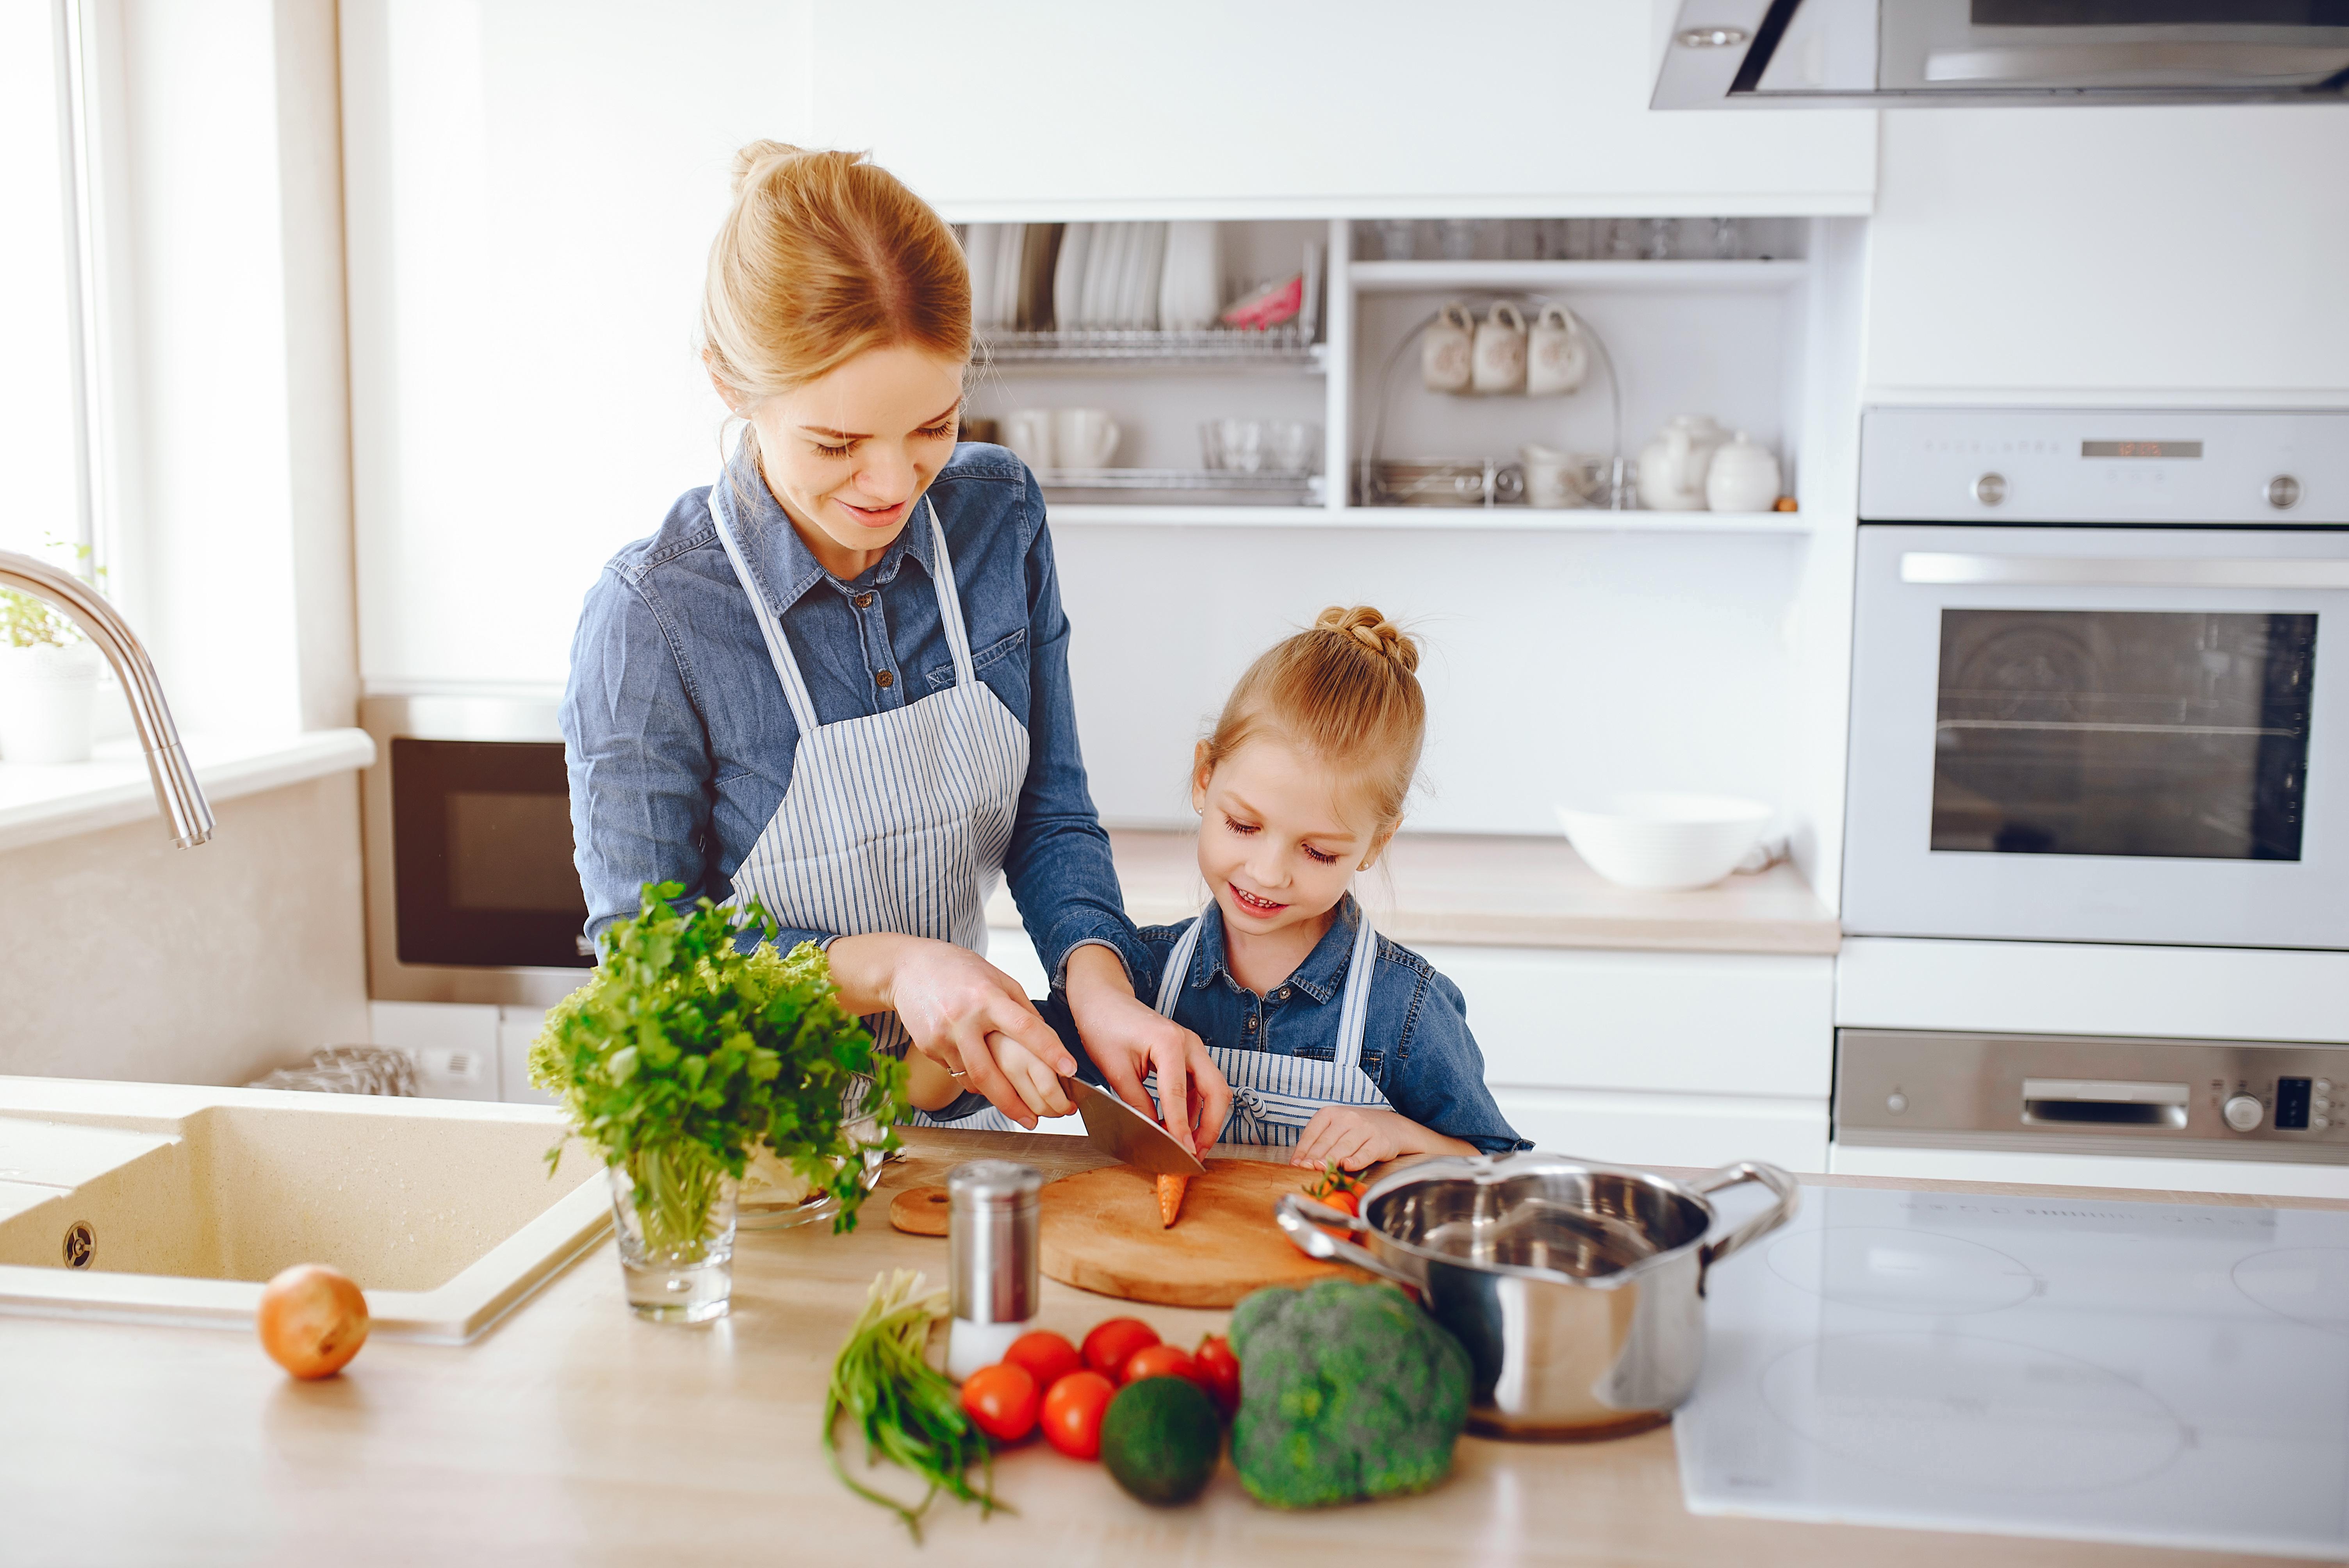 妈妈们在准备食材时,可以让孩子一起参与,这样做能让孩子对蔬菜放下警戒心。-图取自freepik-